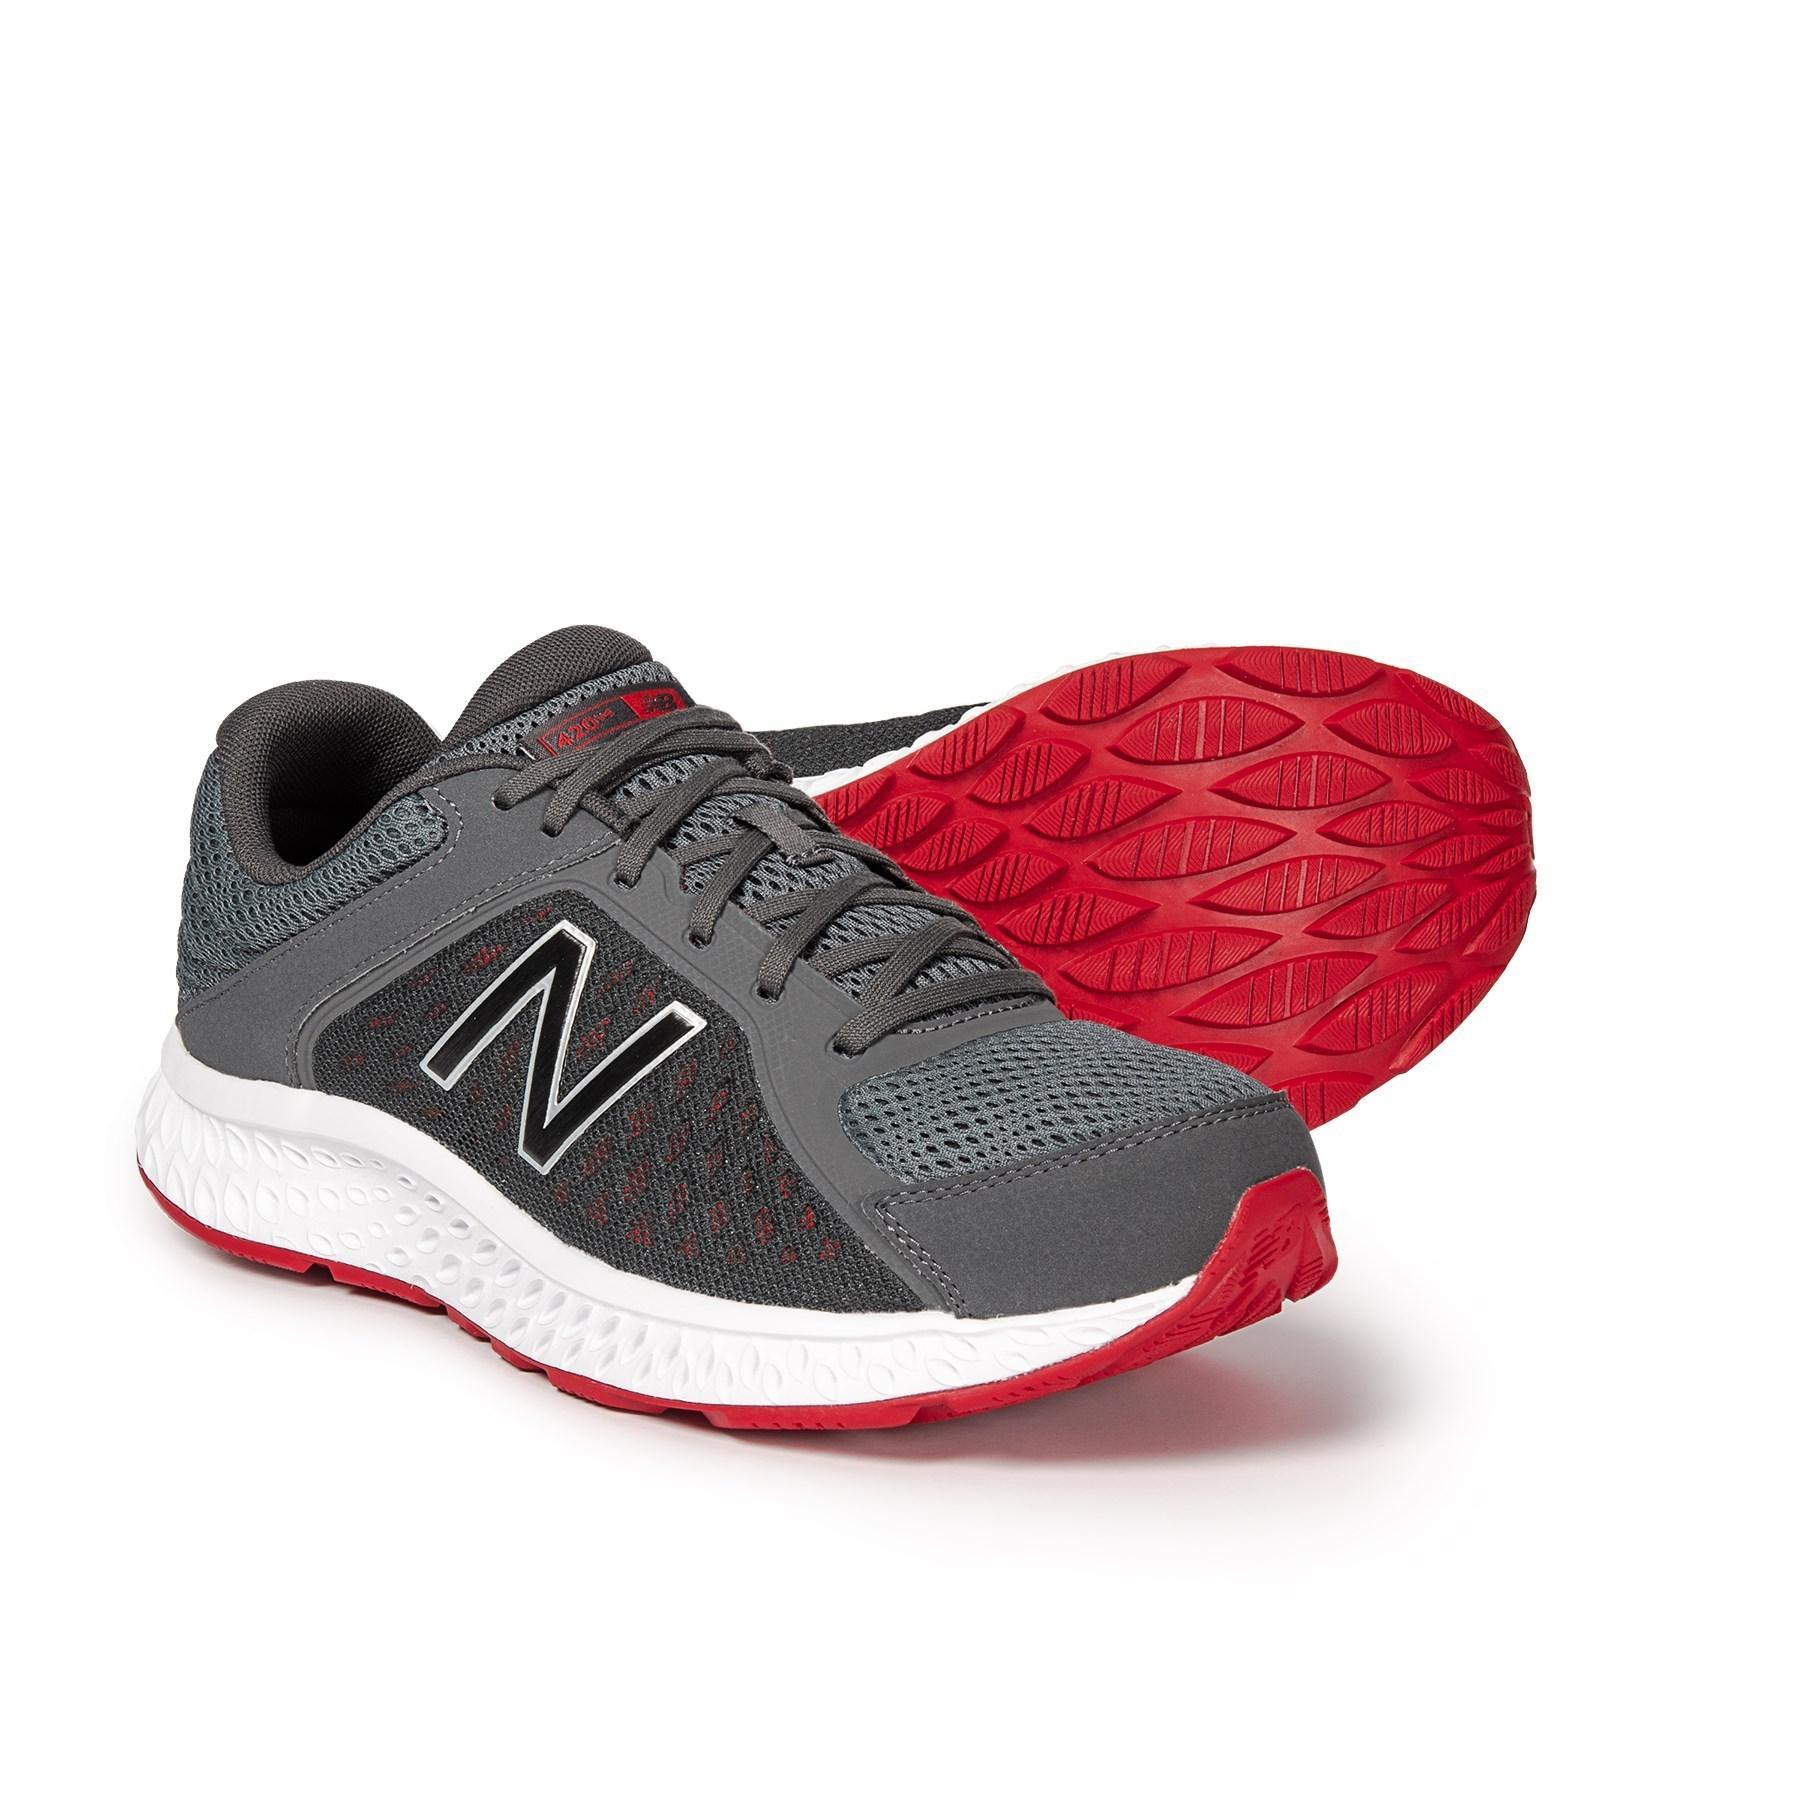 4b6acfc3d Lyst - New Balance 420v4 Running Shoes (for Men) in Red for Men